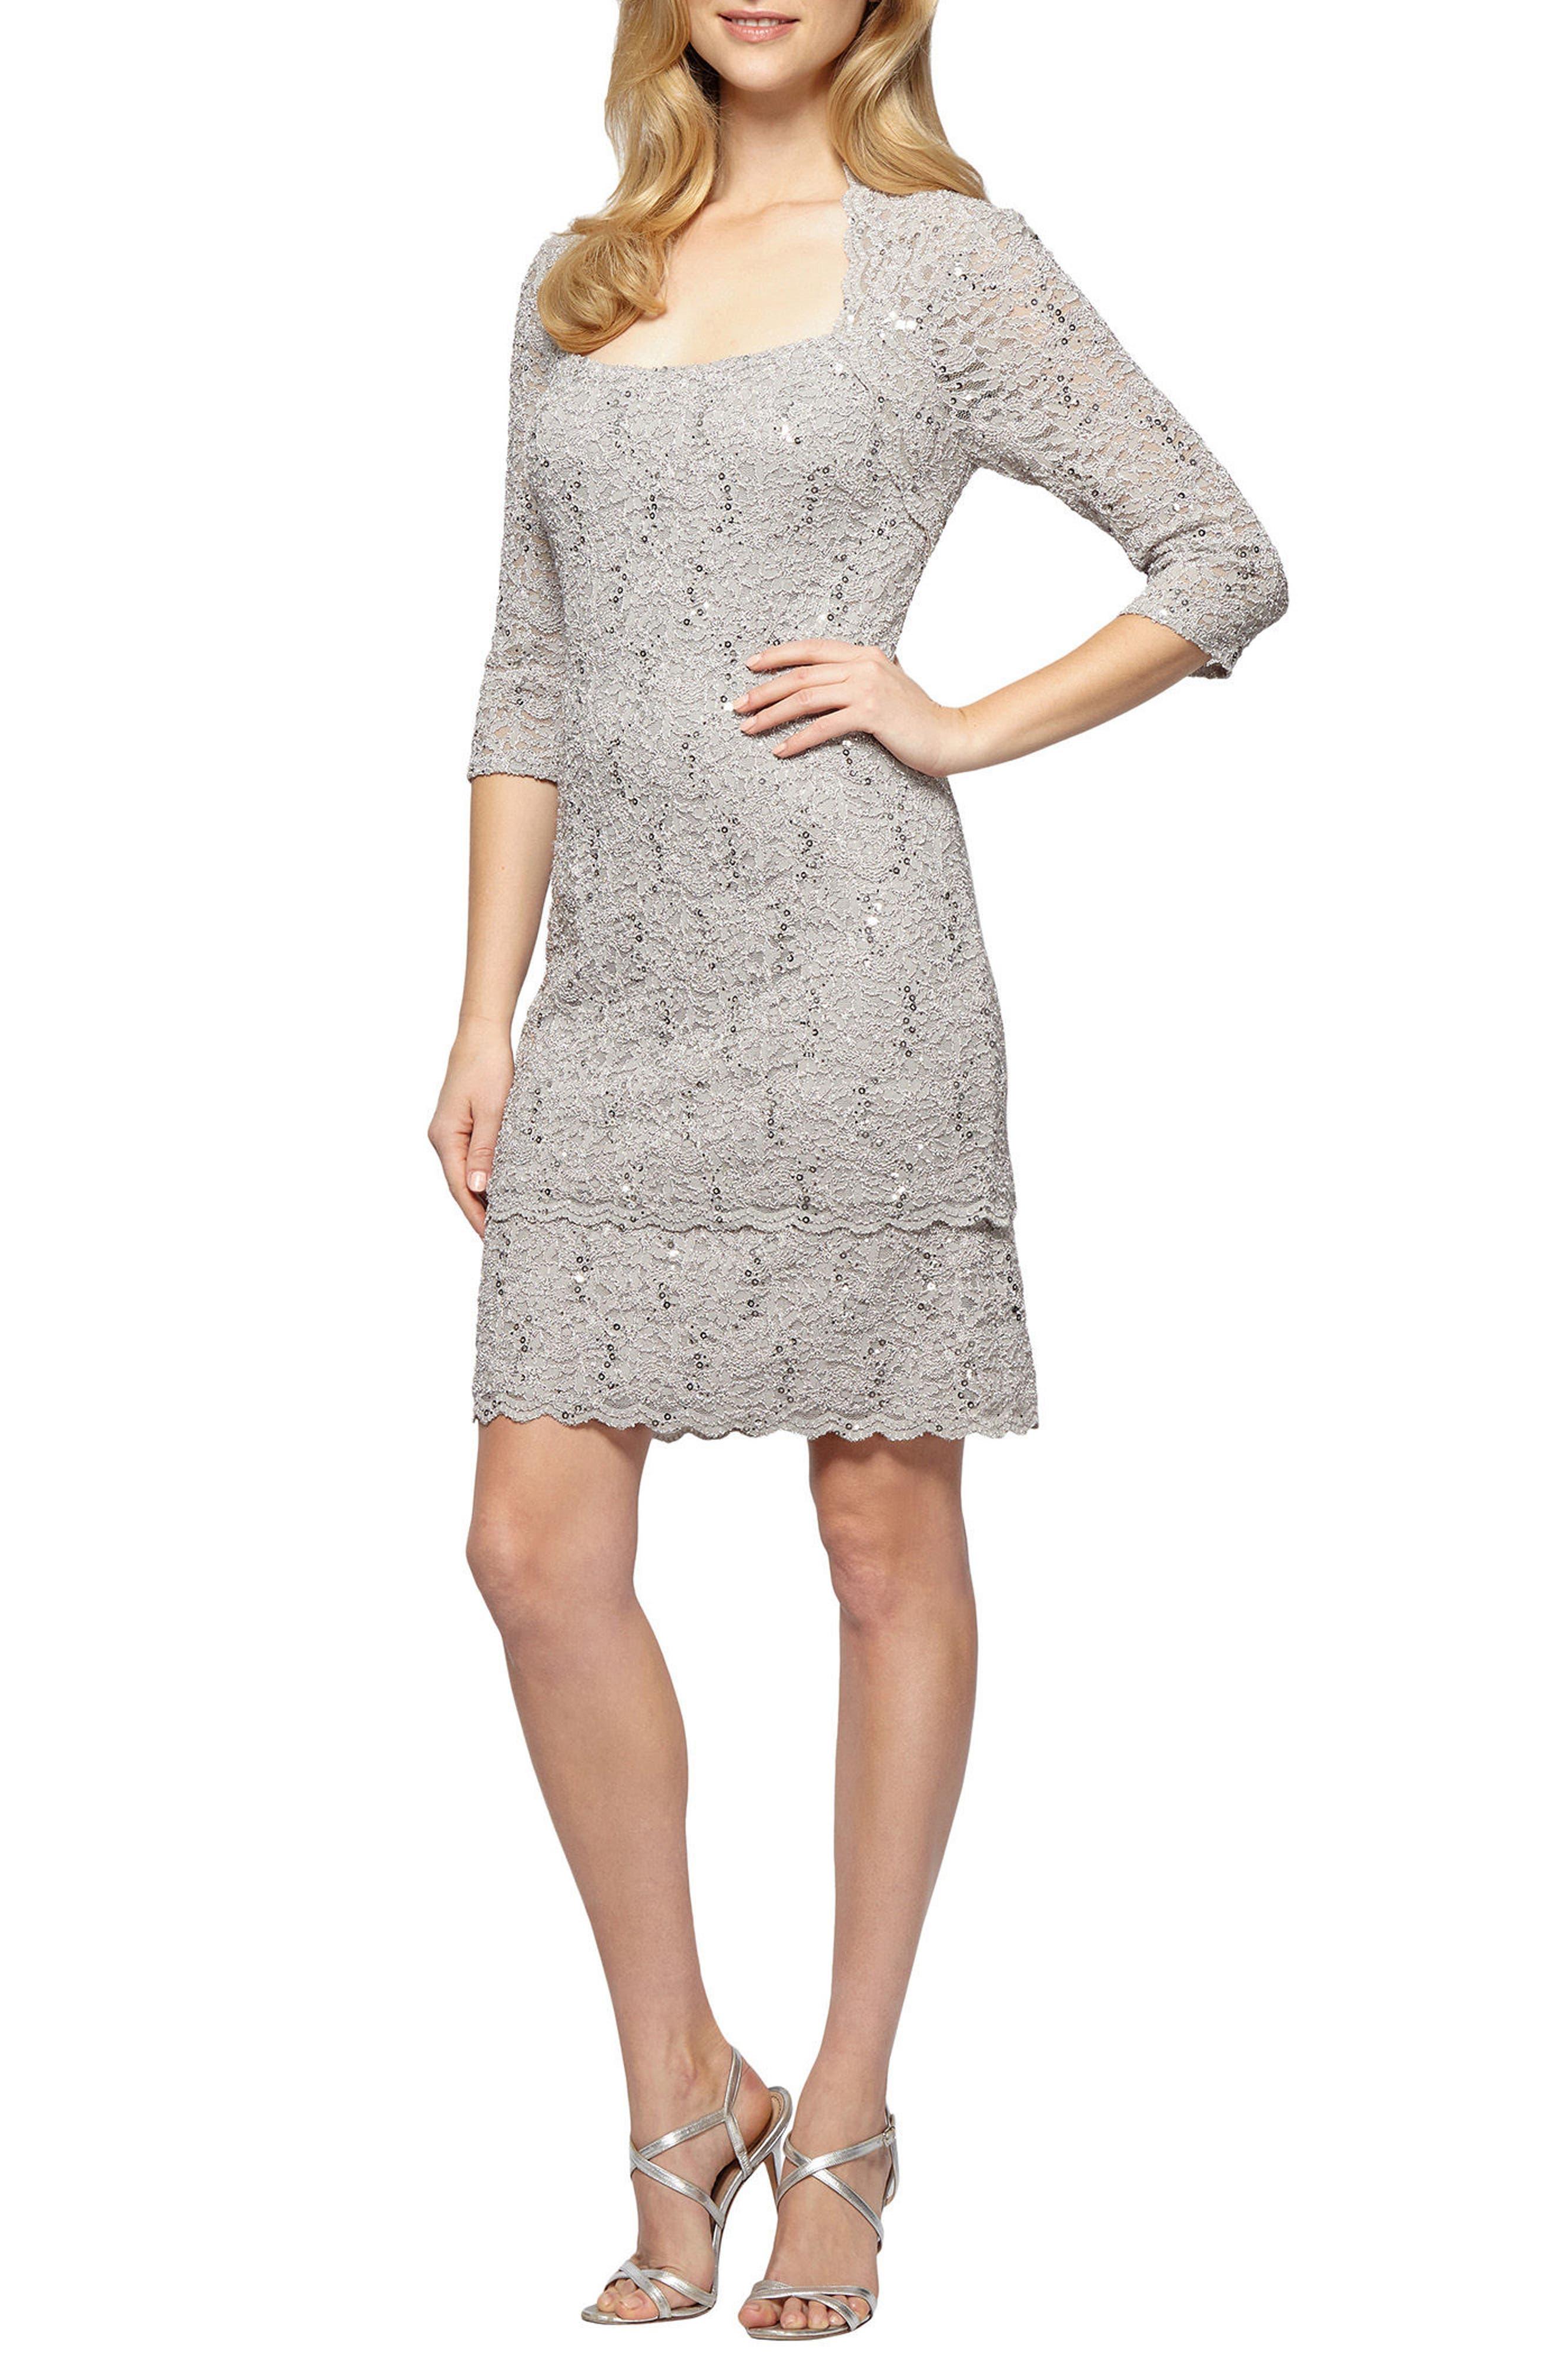 ALEX EVENINGS Sequin Lace Shift Dress